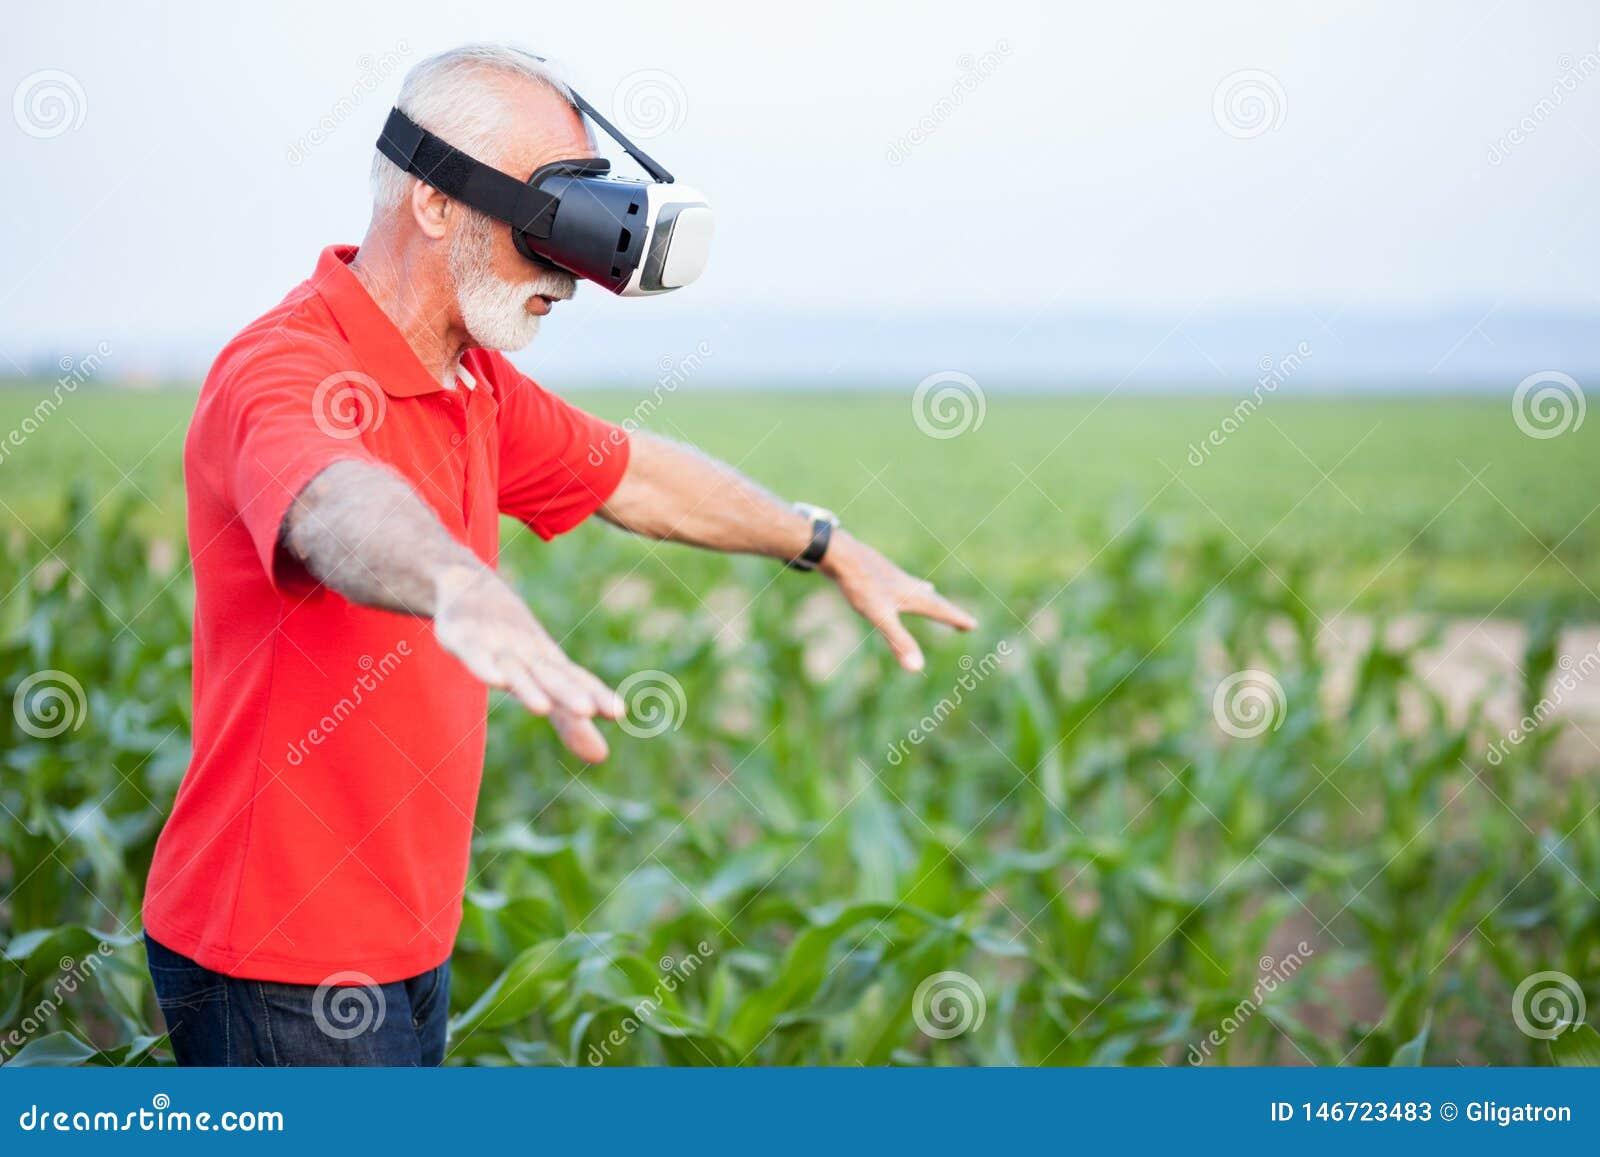 Ältere Agronomen- oder Landwirtstellung auf dem Maisgebiet und Anwendung von VR-Schutzbrillen